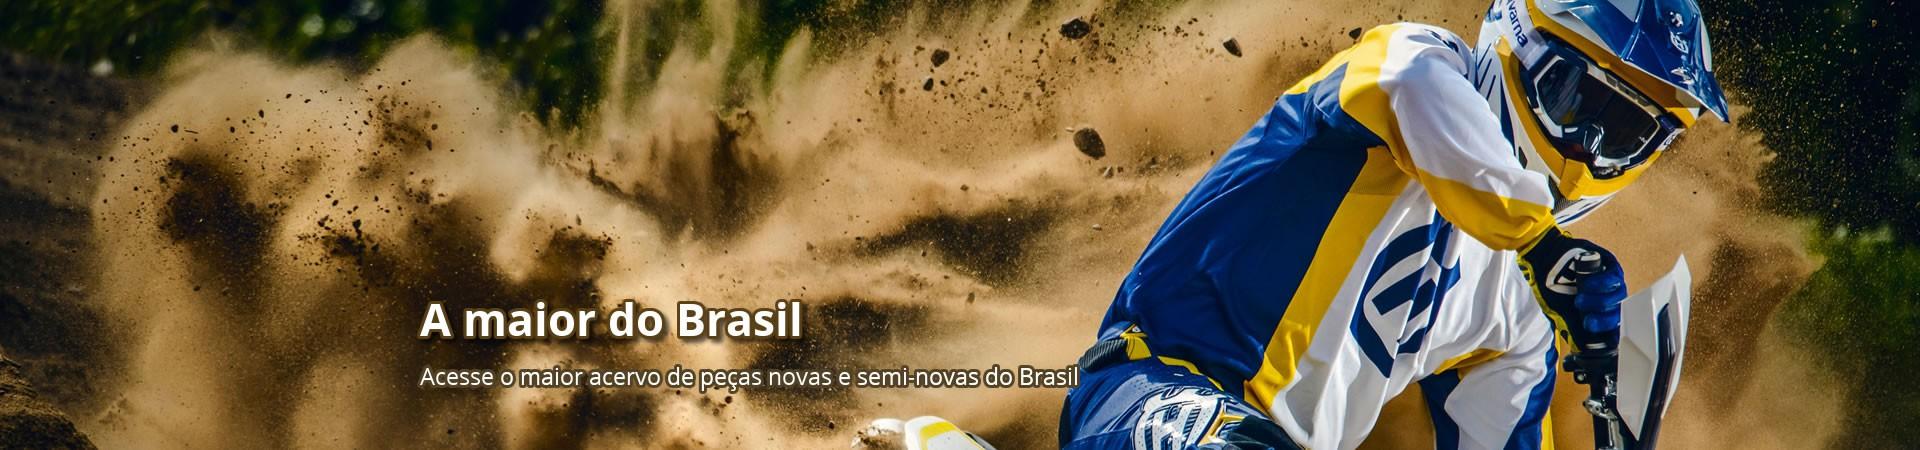 Conheça o estoque de peças novas e usadas do Brasil